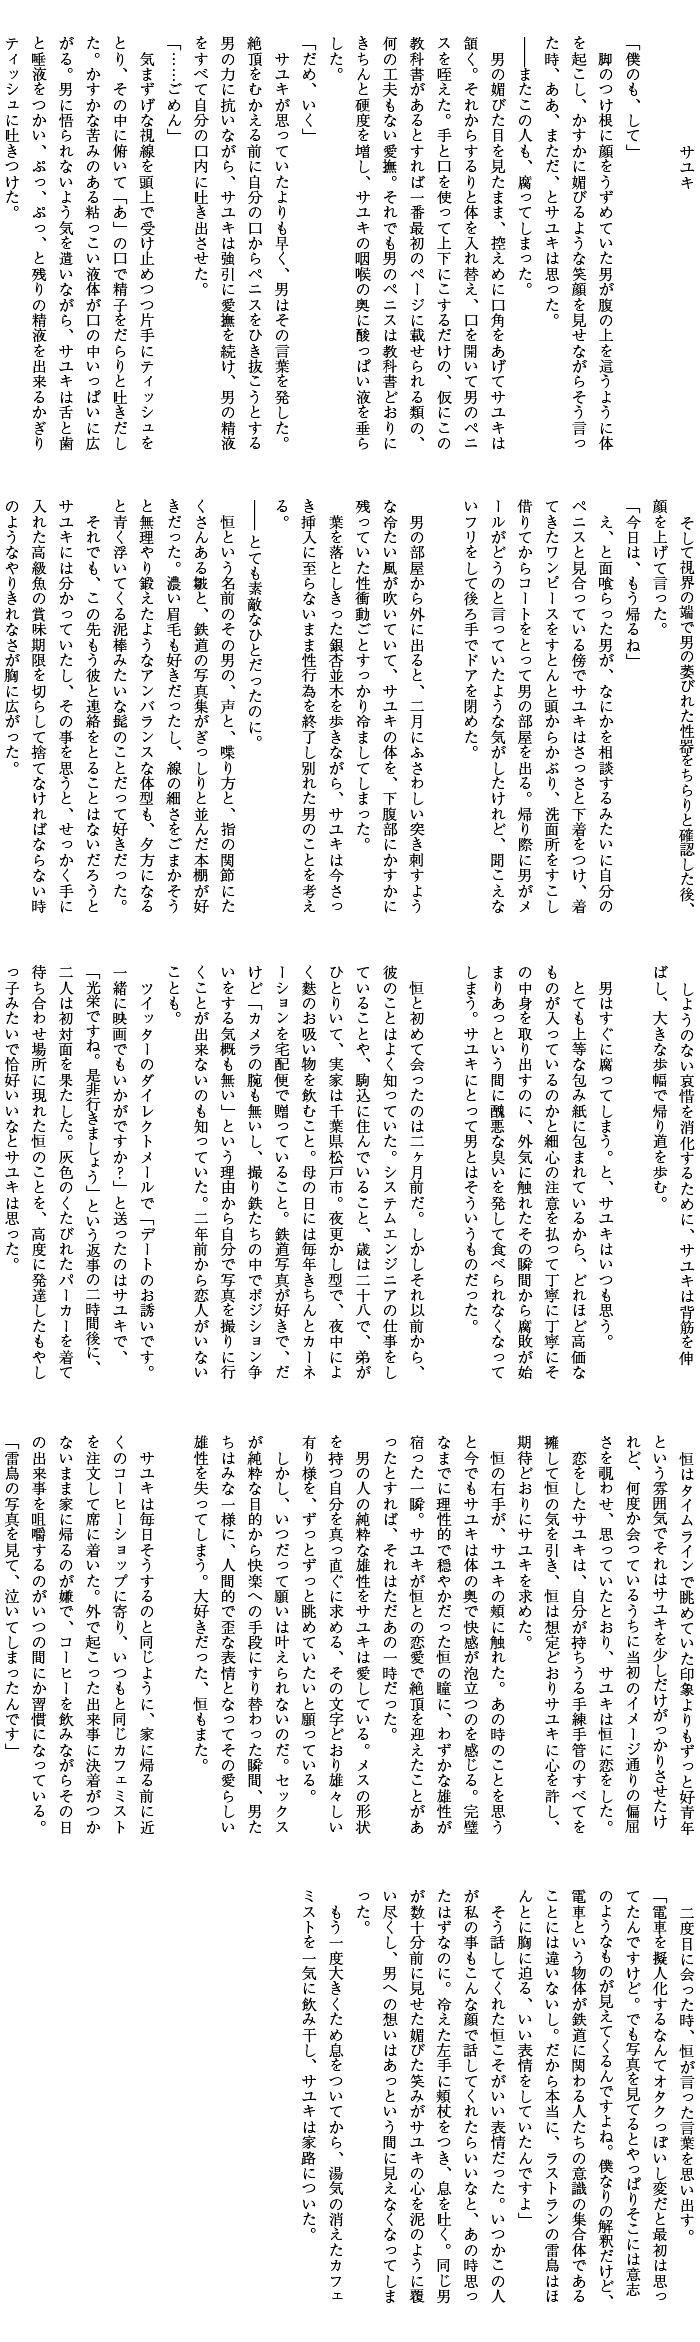 ii_01_q15_text1.jpg